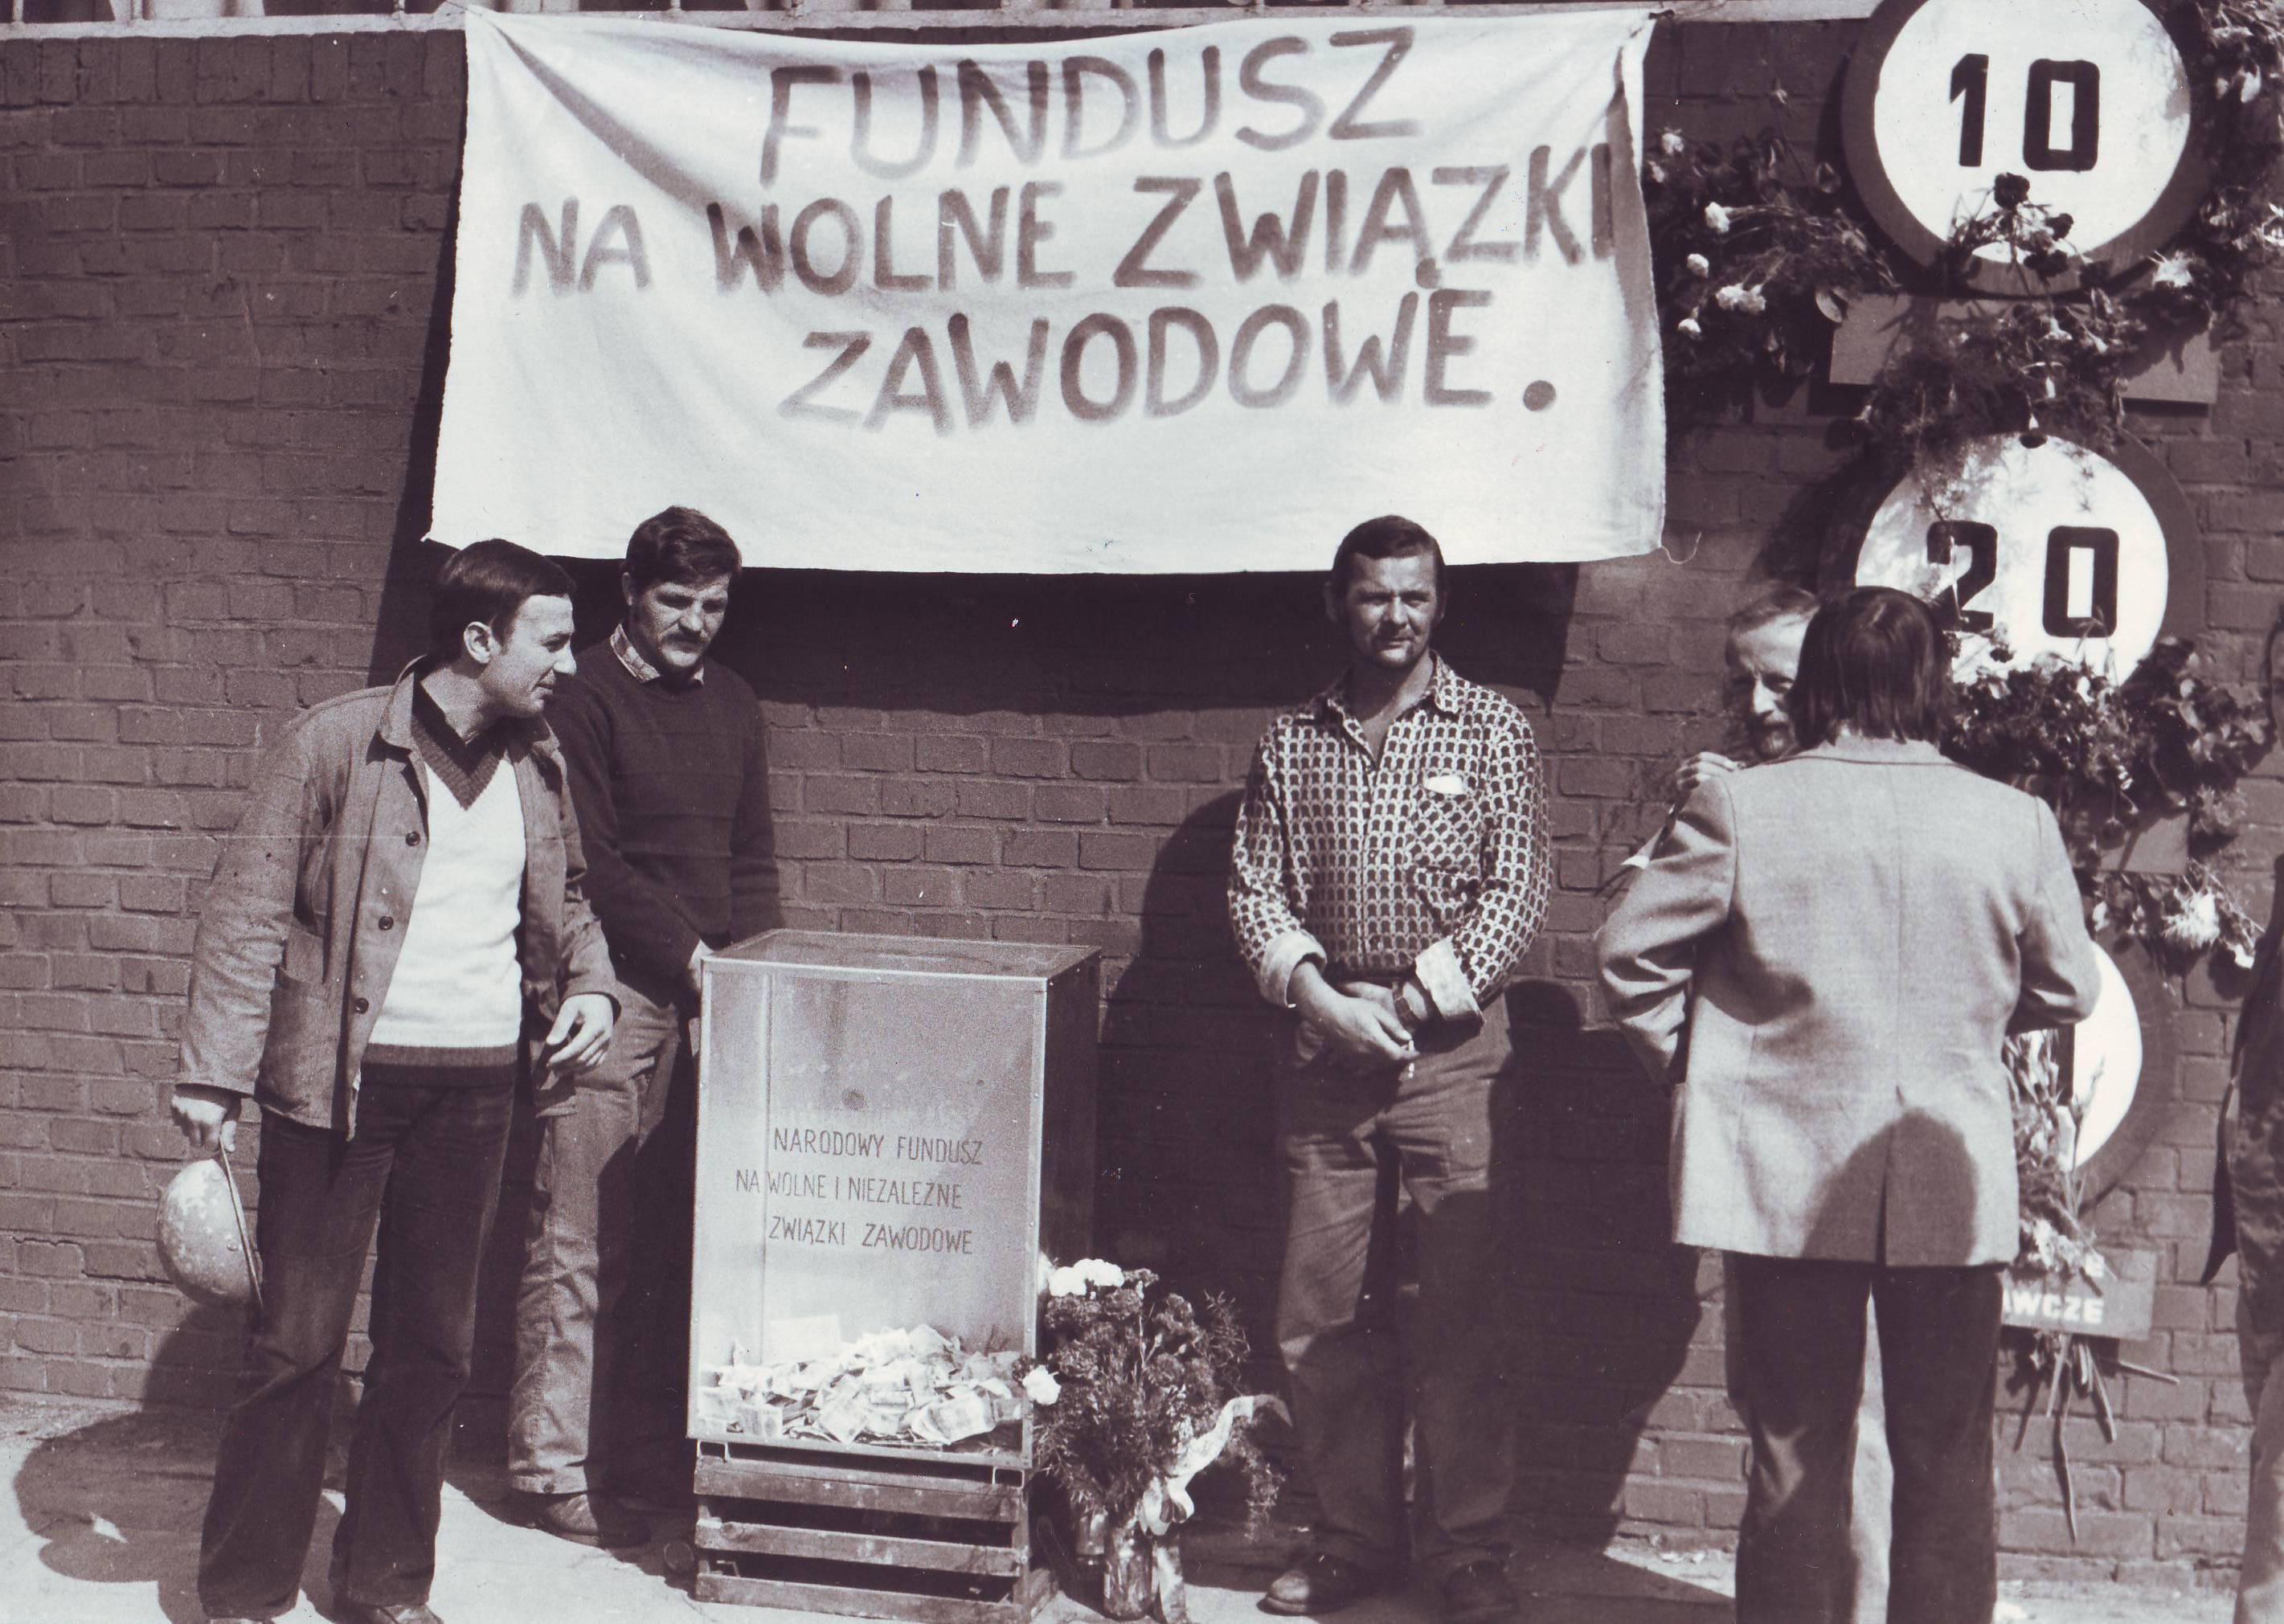 Zbiorka_na_wolne_zwiazki_zawodowe_1980.jpg